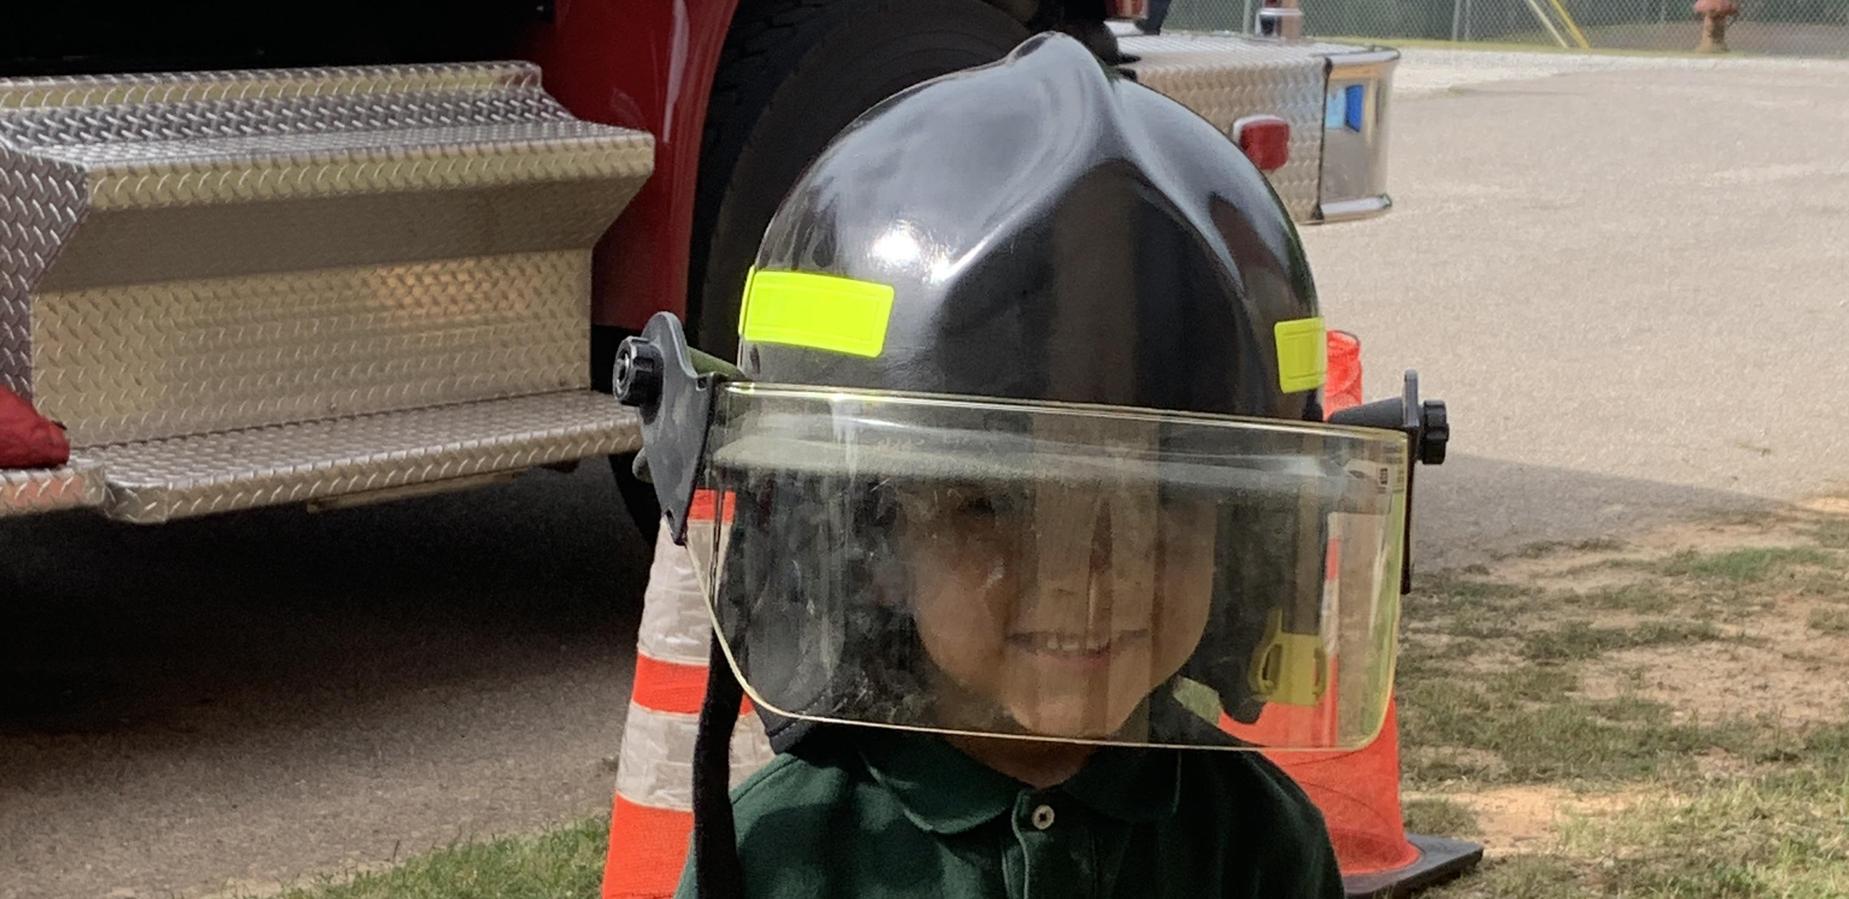 CD student in firefighter helmet